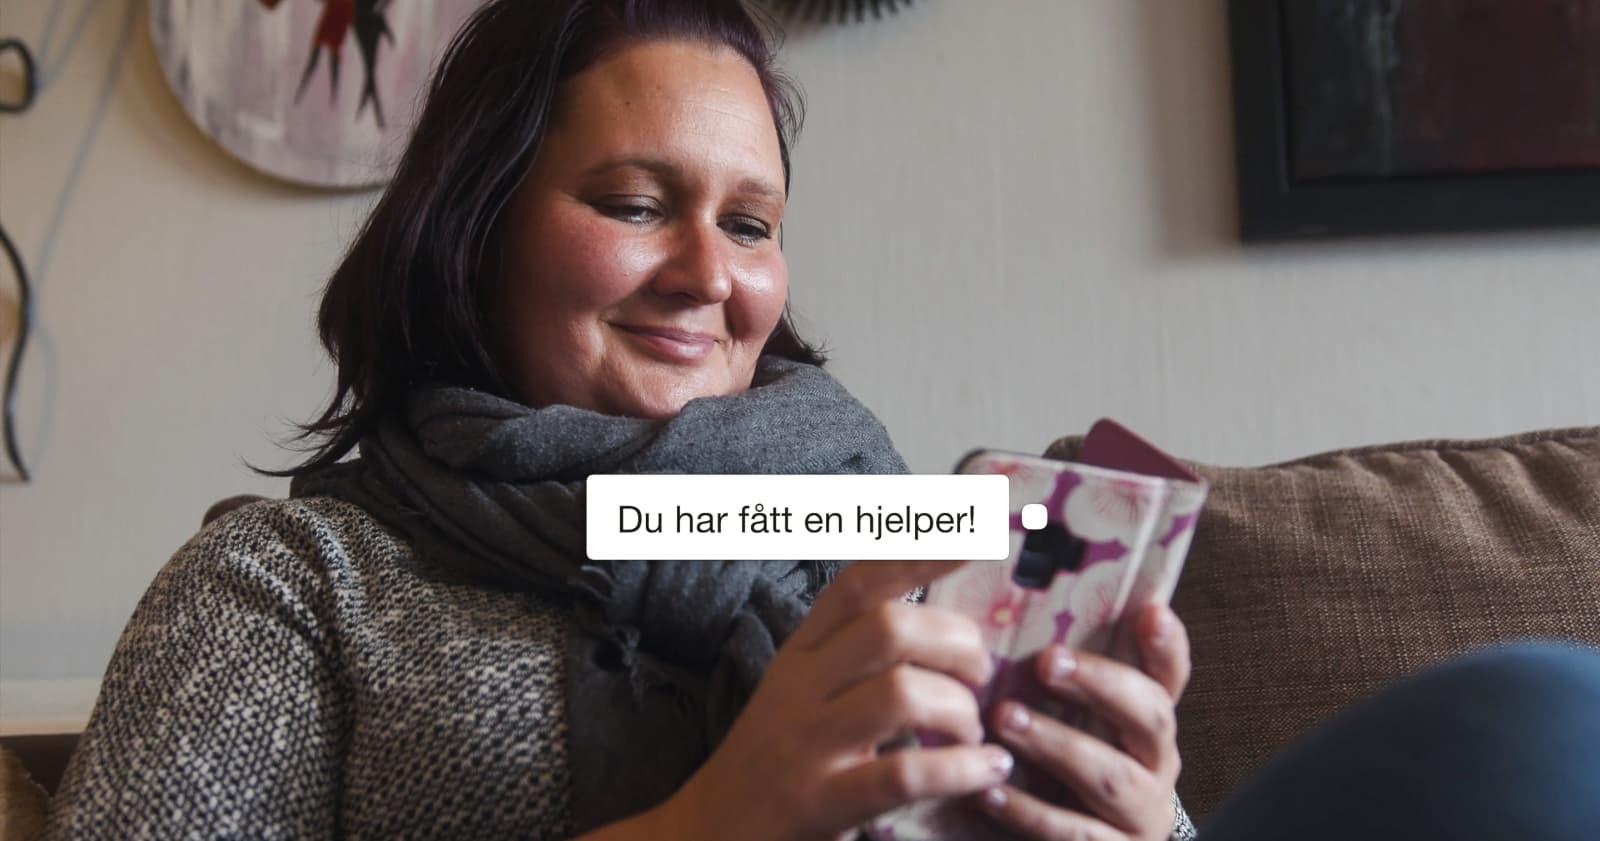 Sonja bruker Goodify-appen for å spørre om hjelp til mat og klær, og har positive opplevelser med hjelperne. - Jeg er evig takknemlig for hjelpen jeg har fått, sier hun.